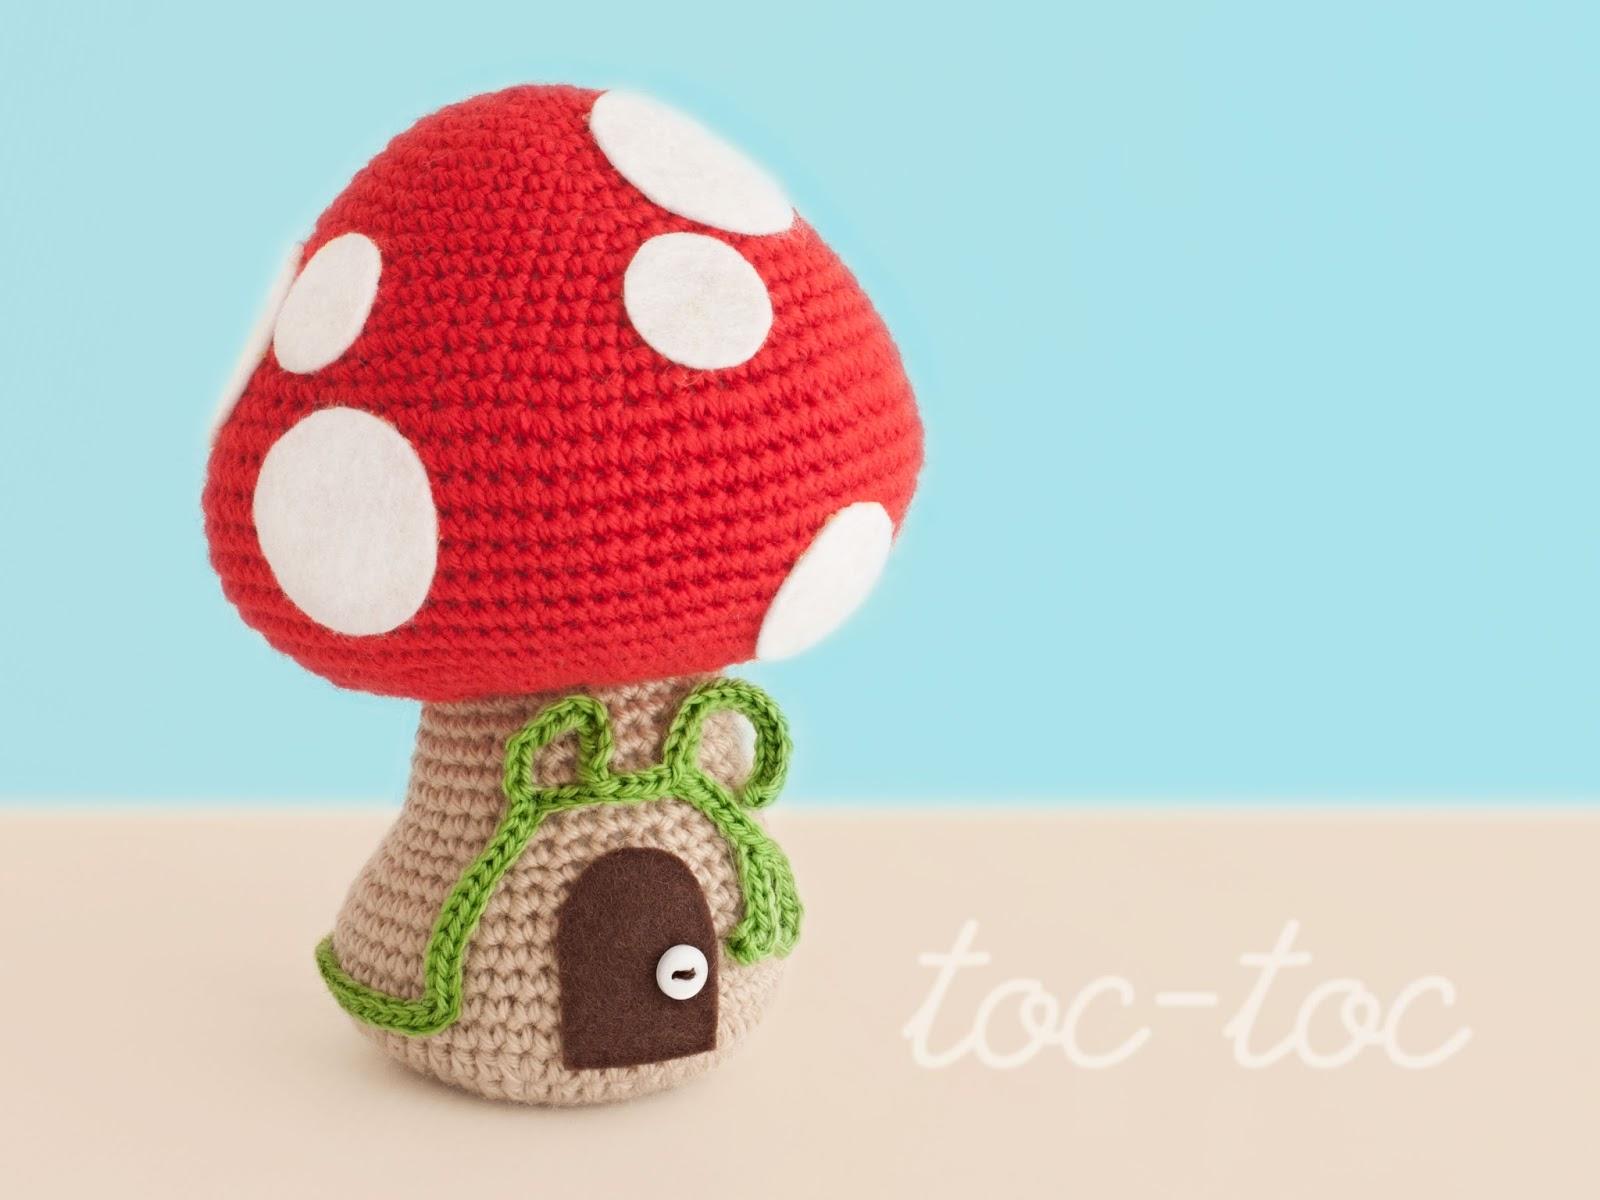 amigurumi-patron-seta-mushroom-pattern